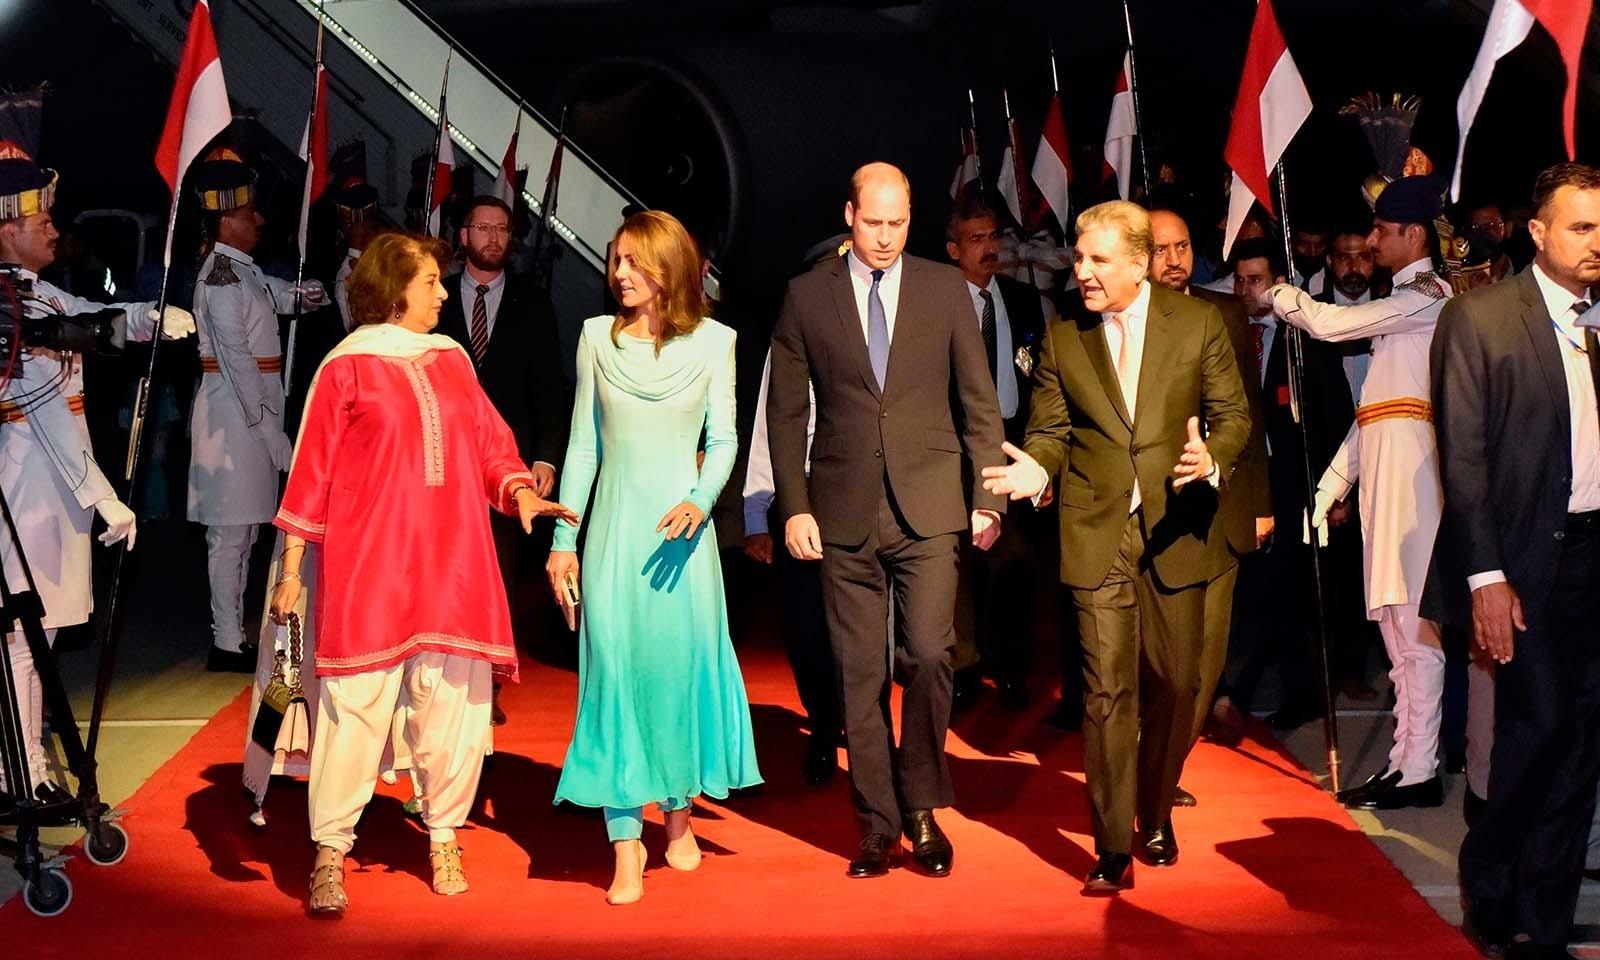 شہزادہ ولیم اپنی اہلیہ کے ہمراہ گزشتہ روز اسلام آباد کے نور خان ایئربیس پر خصوصی طیارے کے ذریعے پاکستان آئے تھے — فوٹو: اے ایف پی